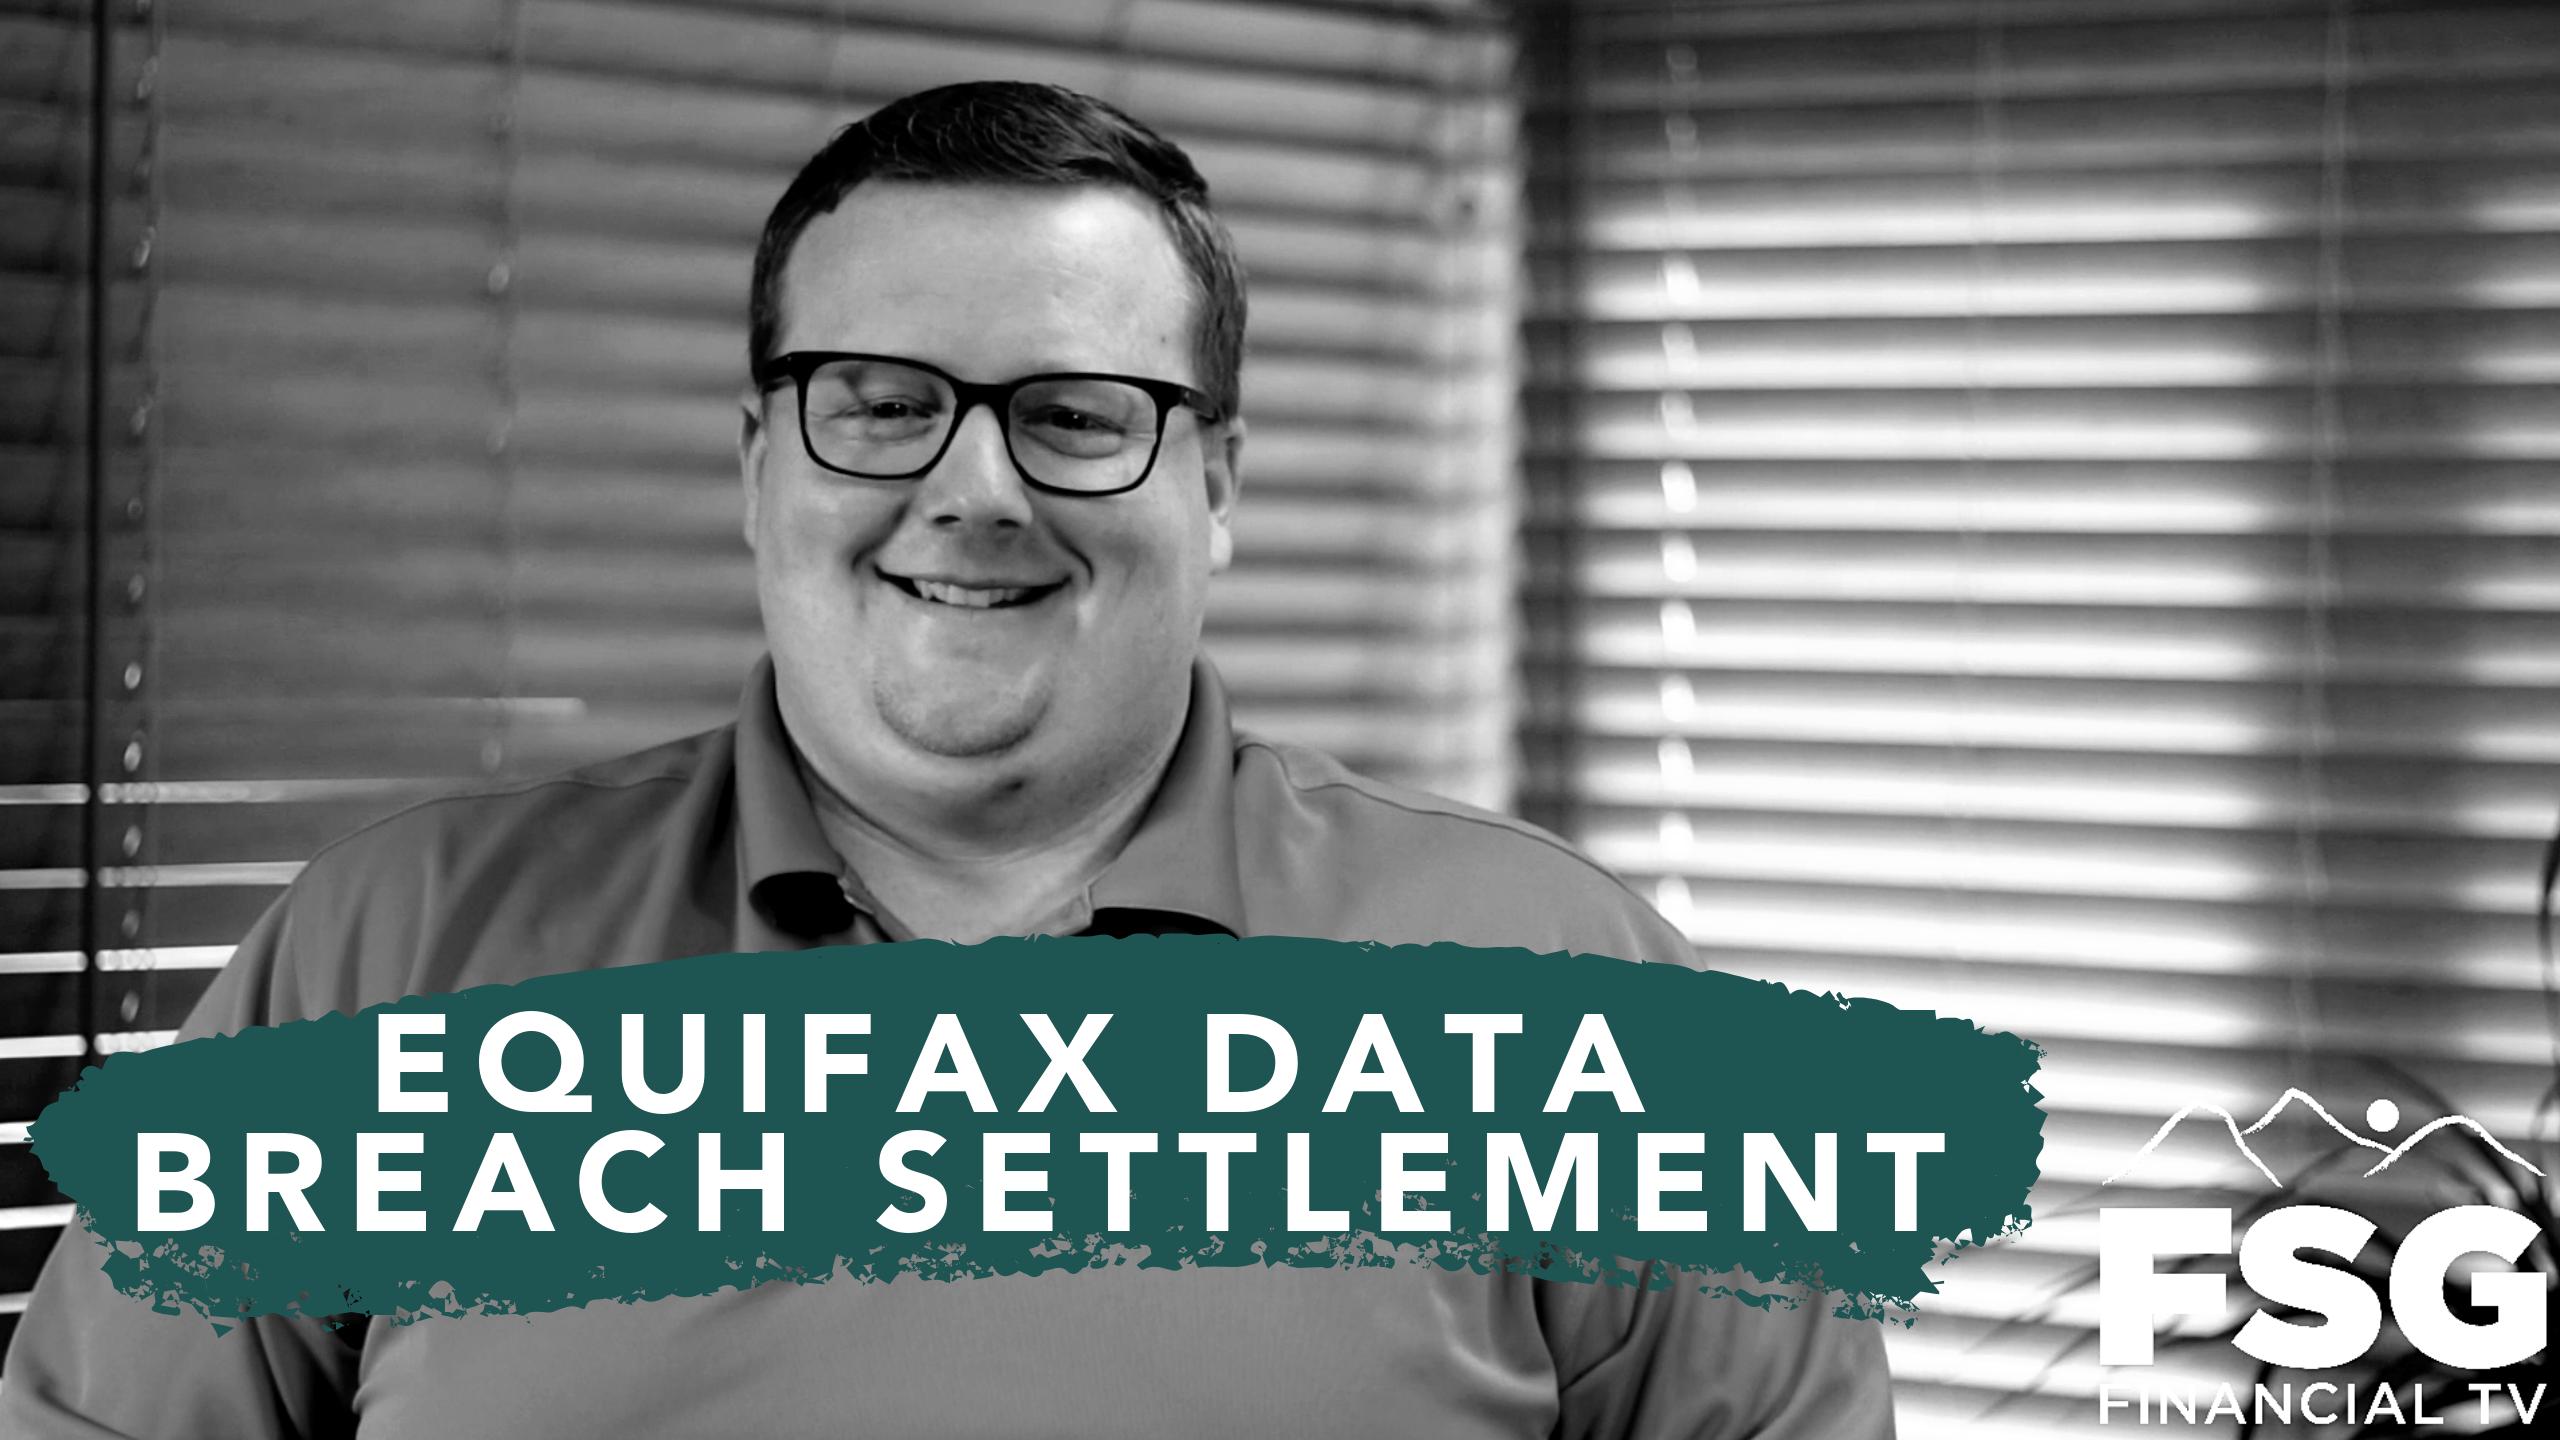 Equifax Data Breach Settlement Thumbnail